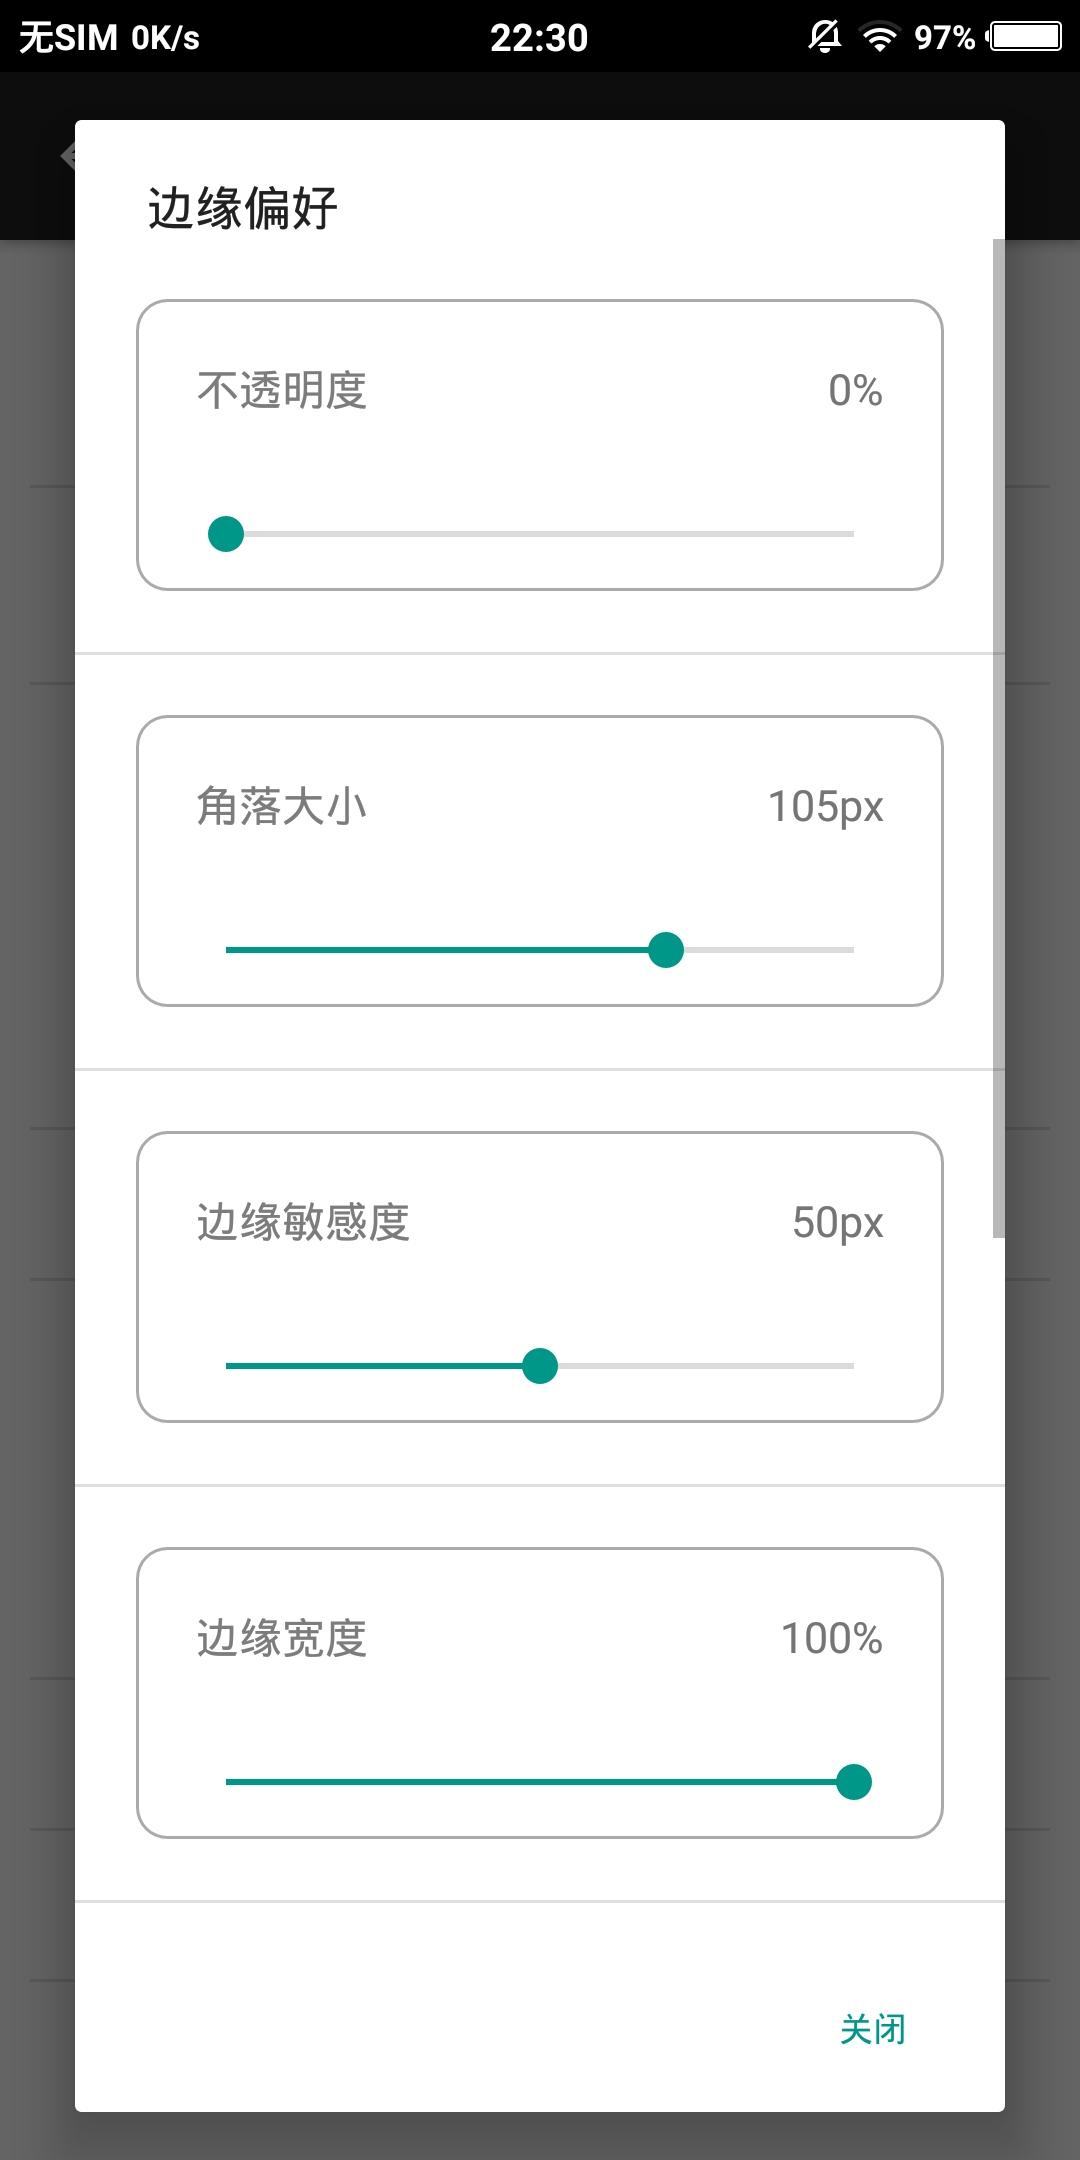 Screenshot_20180123_223058.jpg